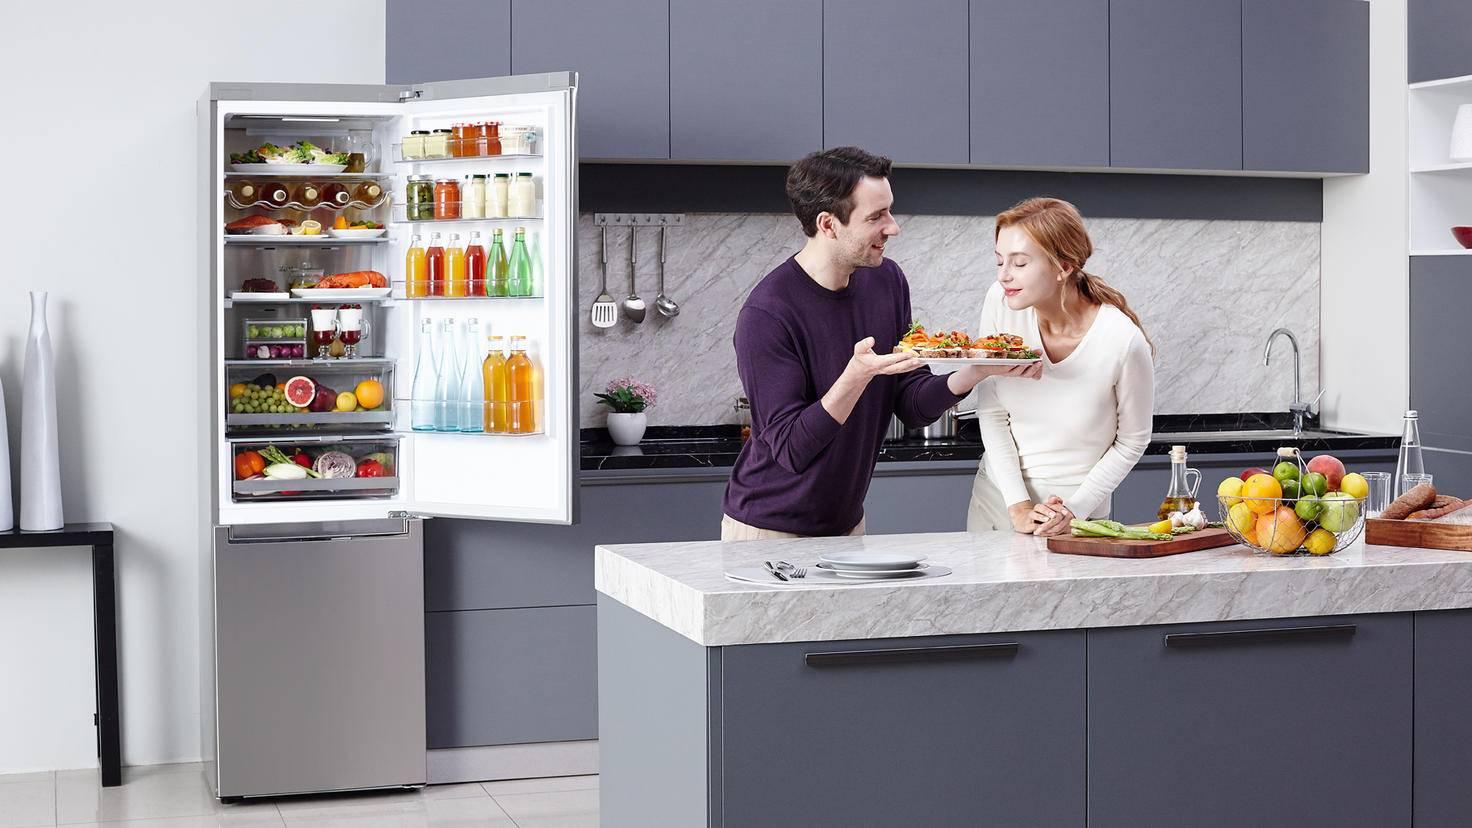 Réfrigérateur LG Centum